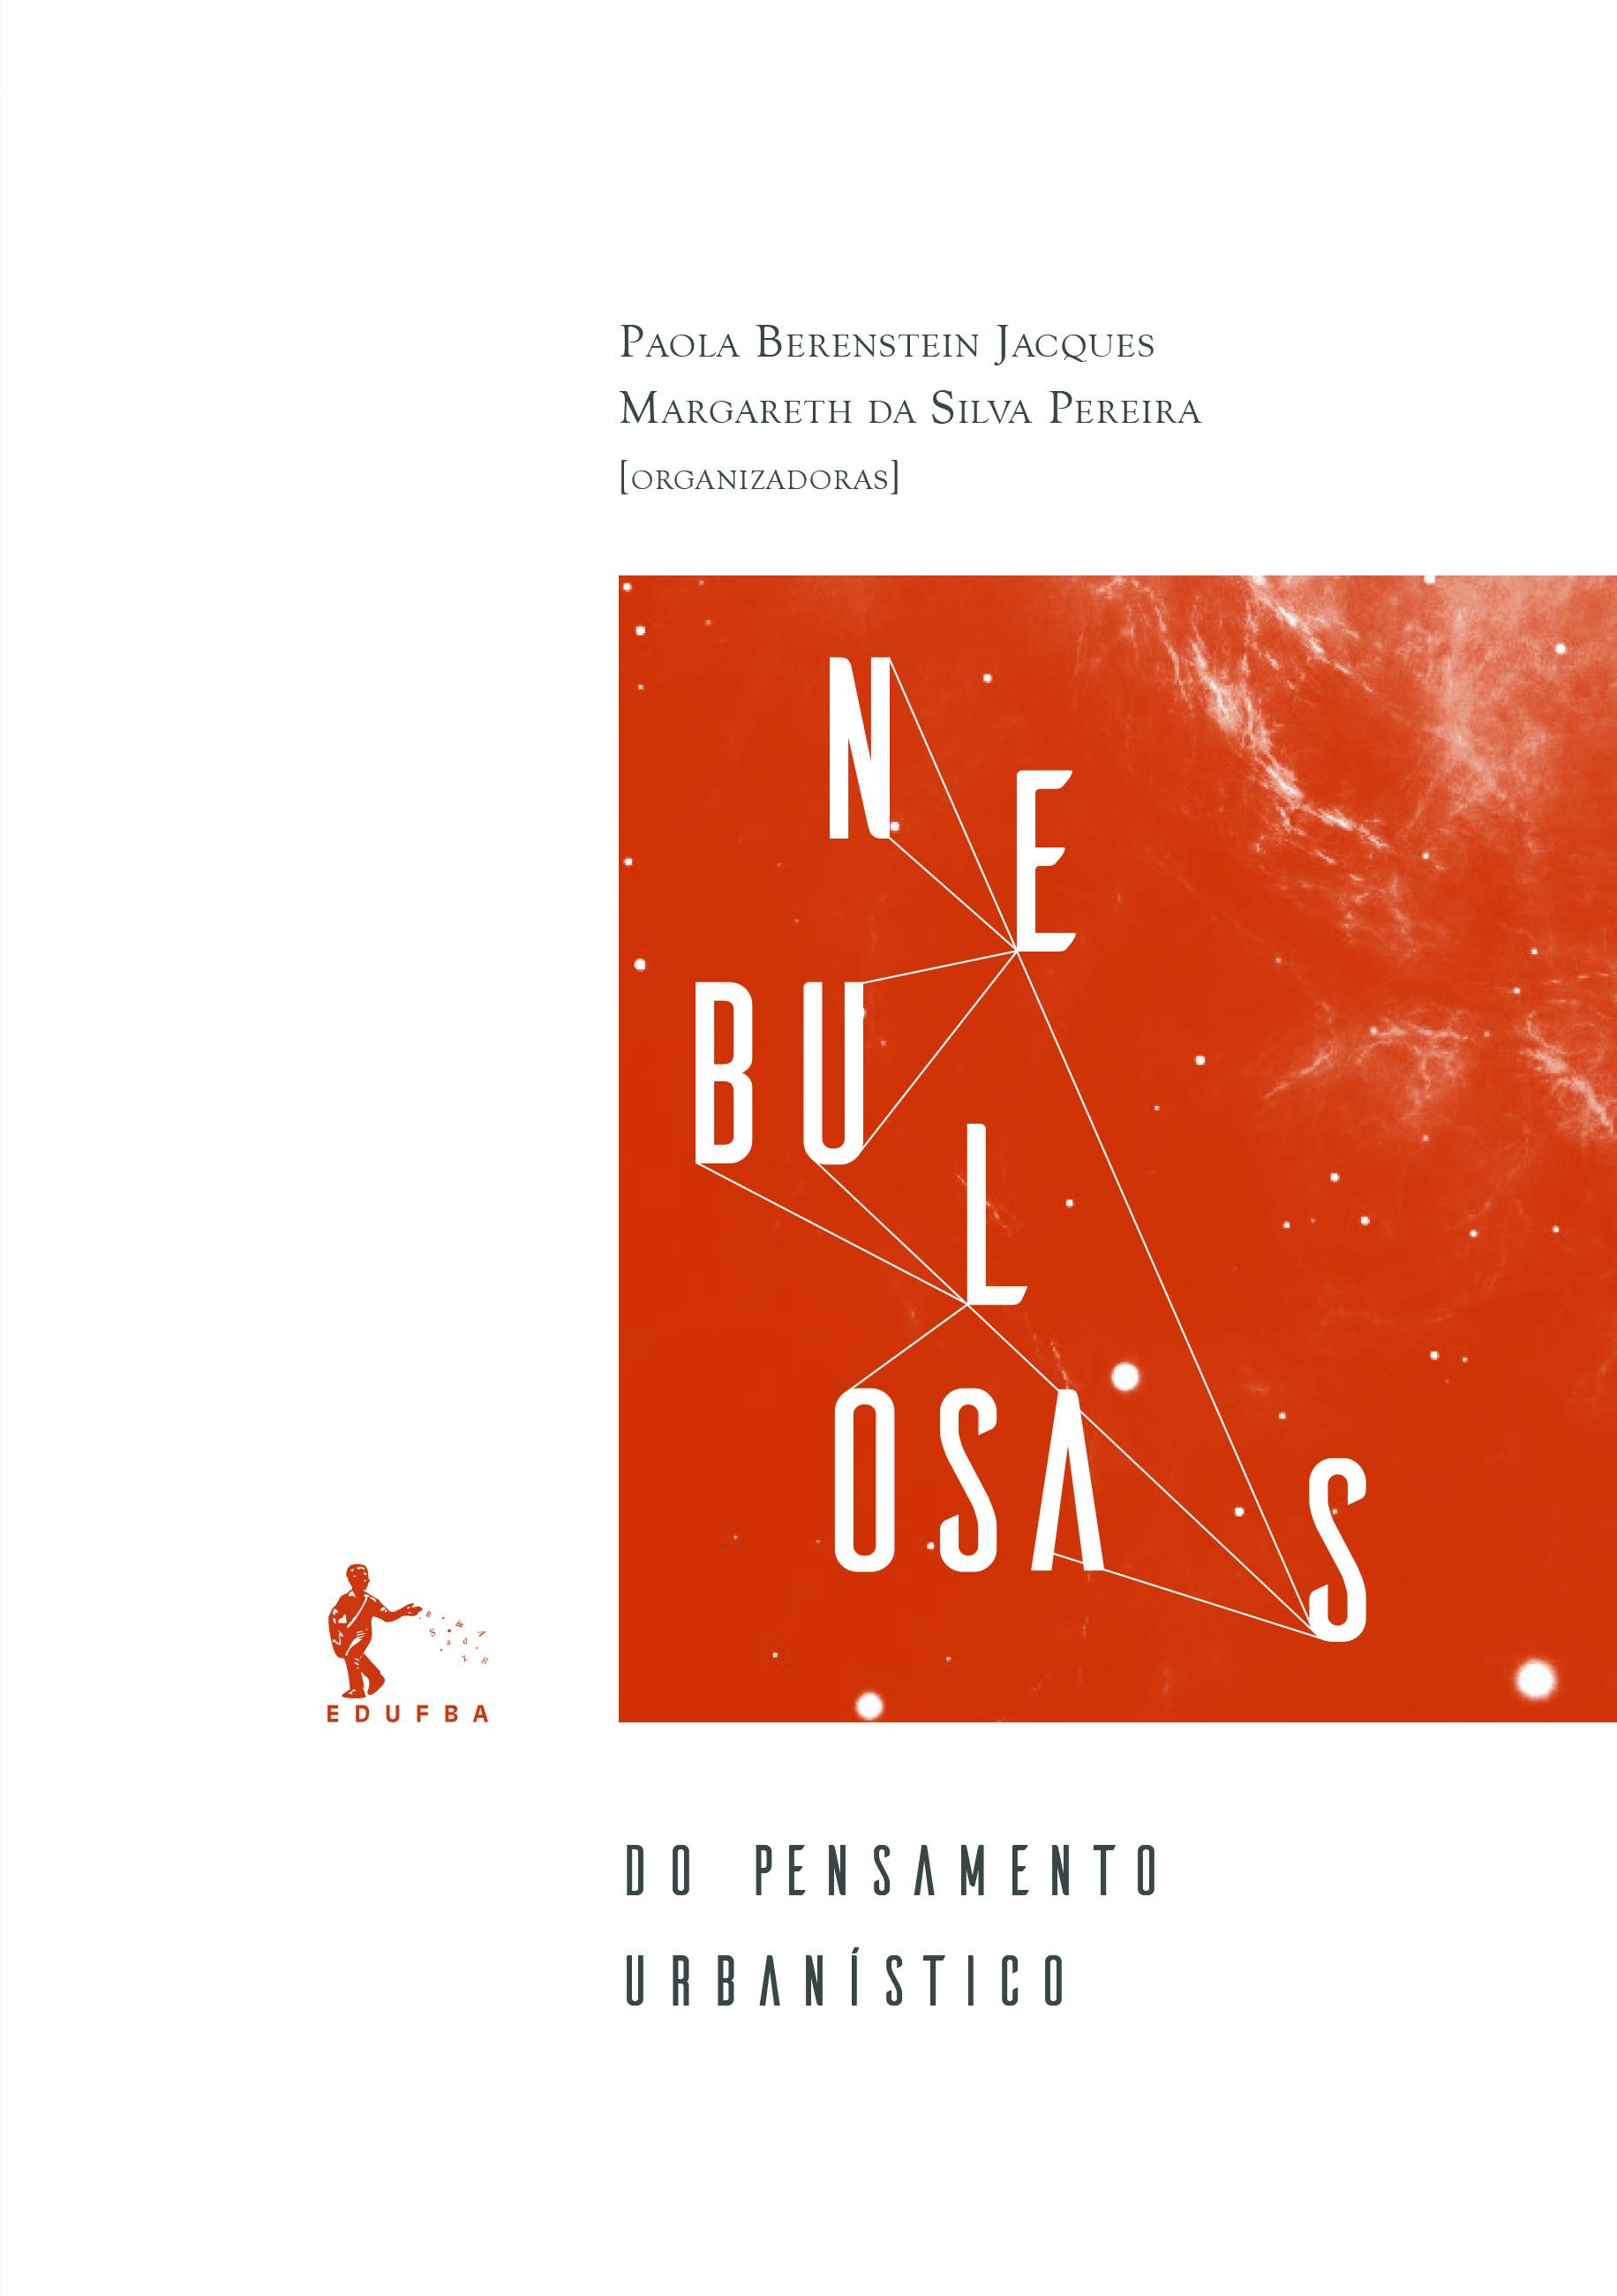 Nebulosas do pensamento urbanístico: Tomo II - Modos de fazer, livro de Paola Berenstein Jaques, Margareth da Silva Pereira (Org.)